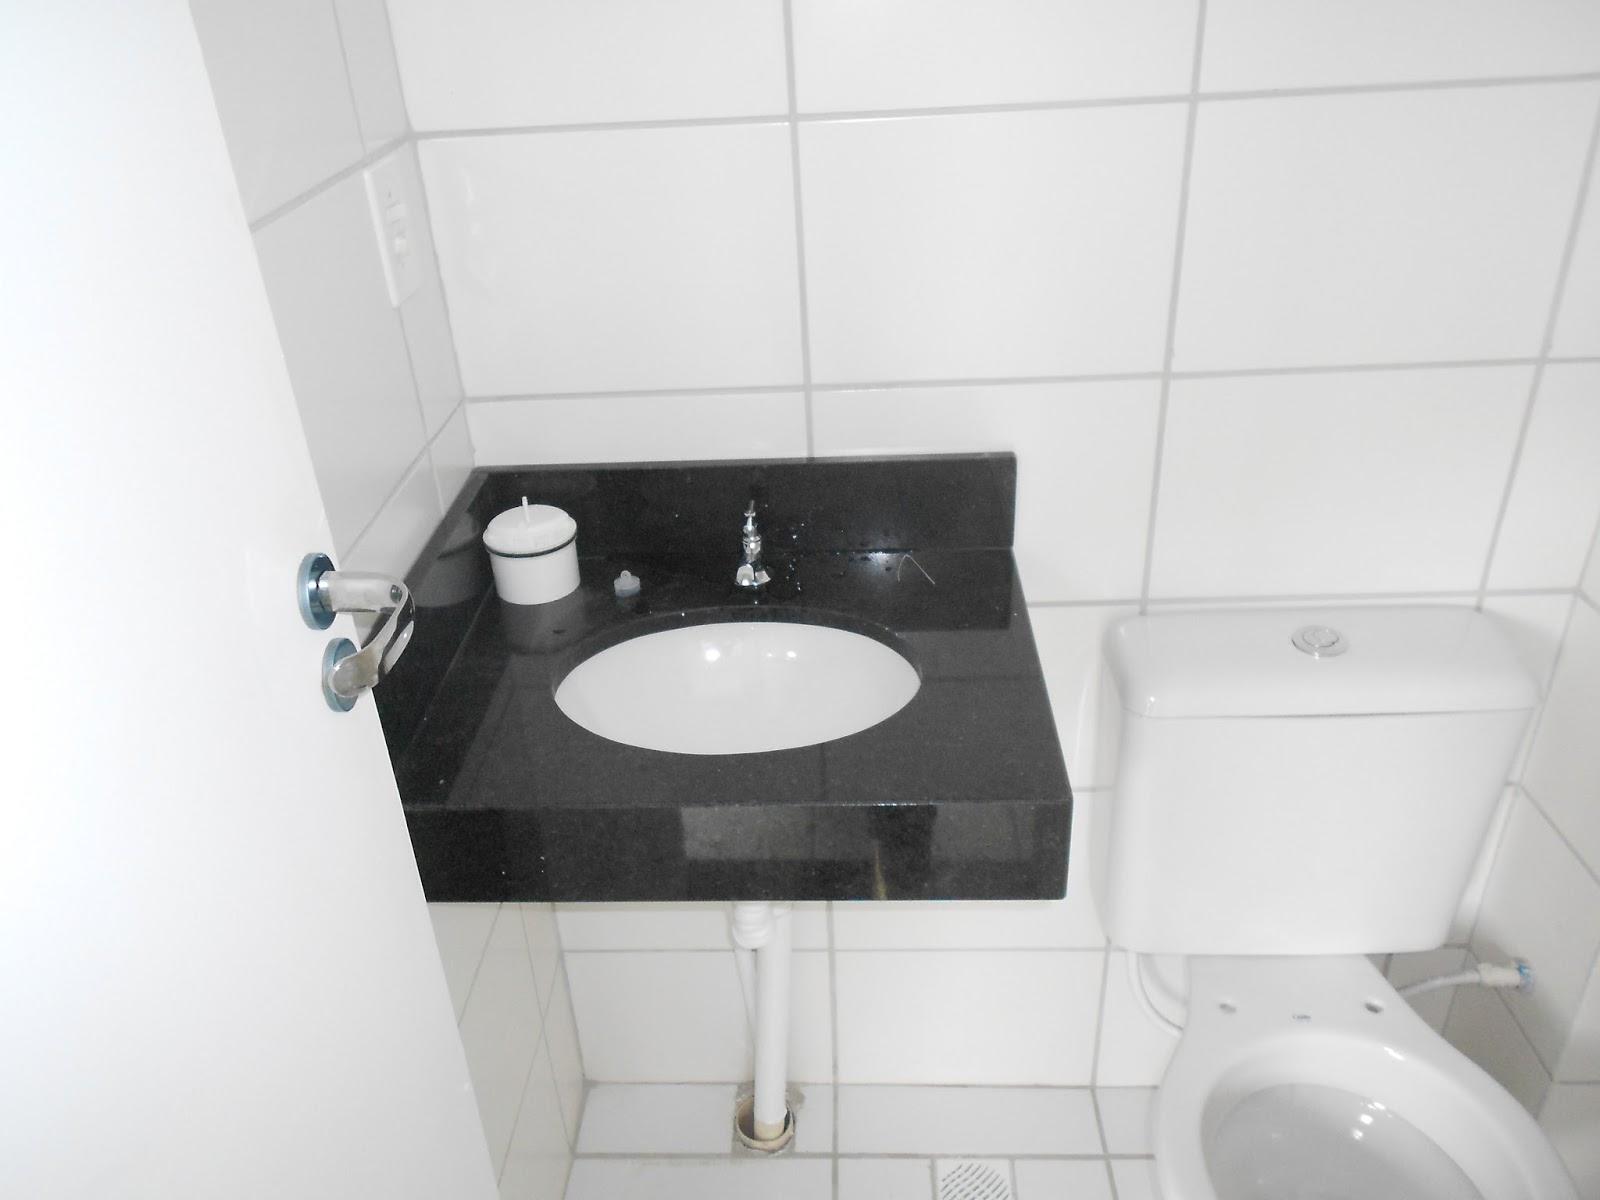 Kit De Banheiro Simples : Kit banheiro simples liusn obtenha uma imagem de